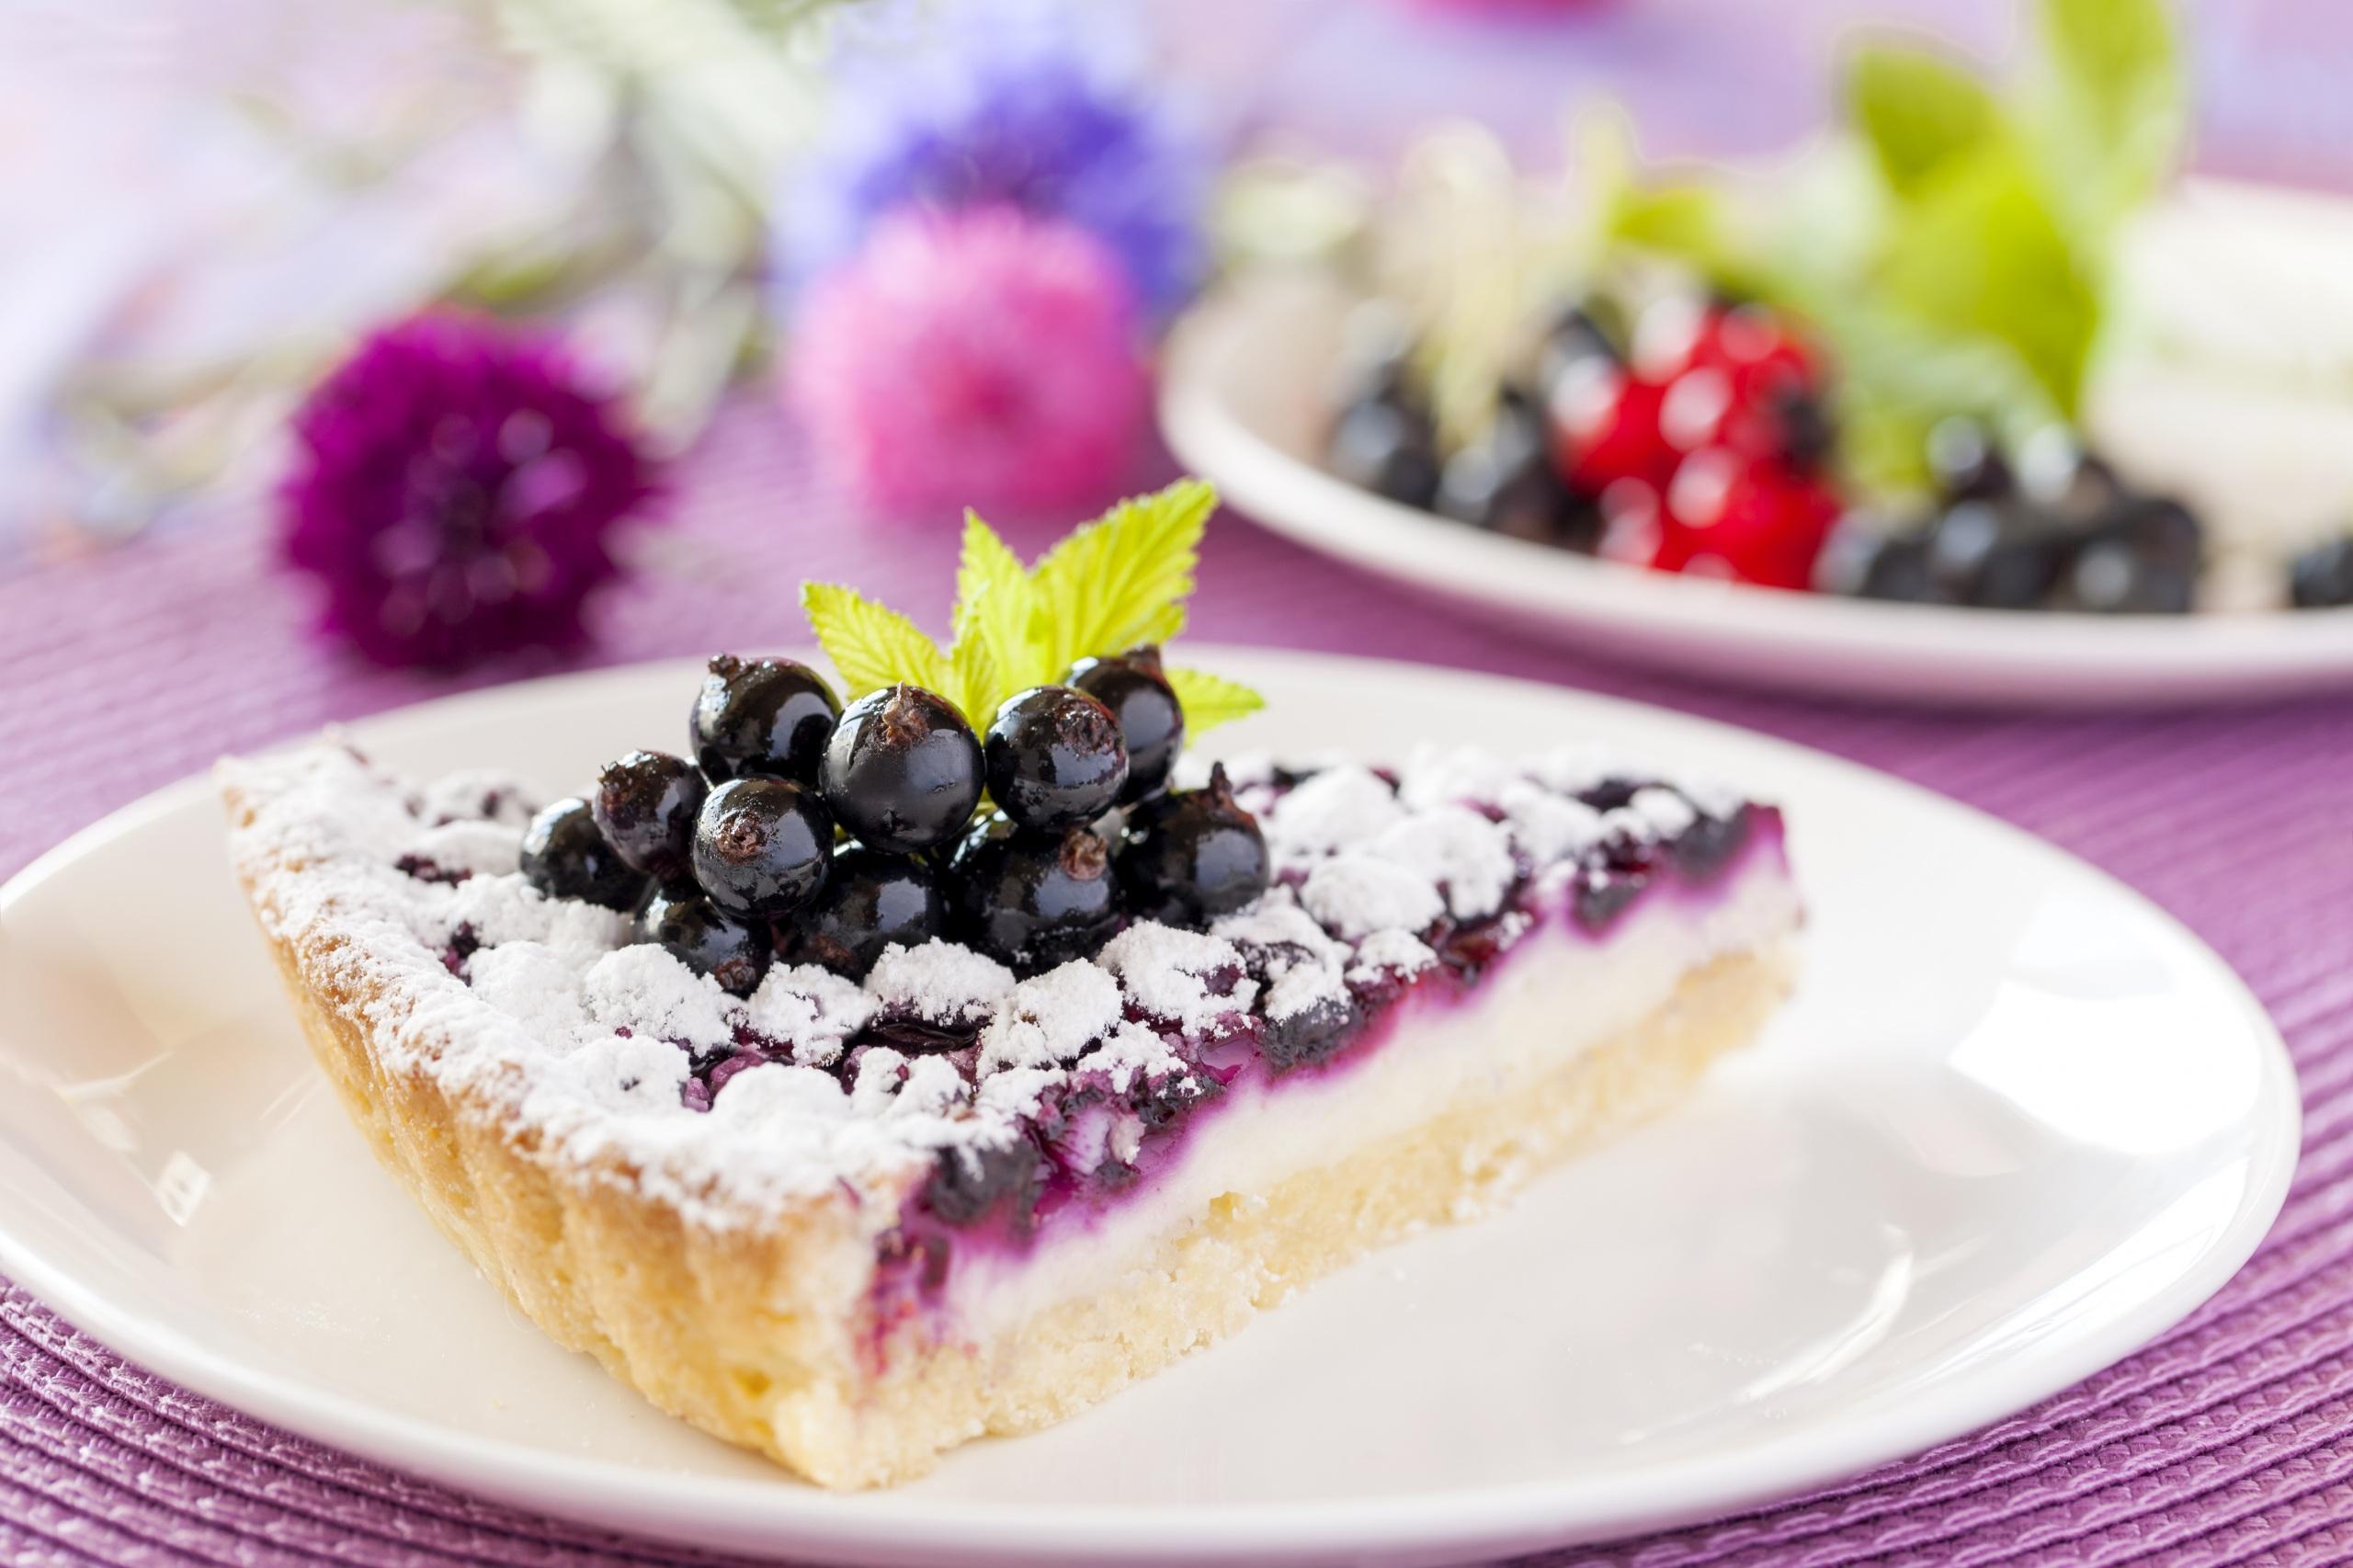 Фото Пирог кусочки Черника Еда тарелке 2560x1706 часть Кусок кусочек Пища Тарелка Продукты питания